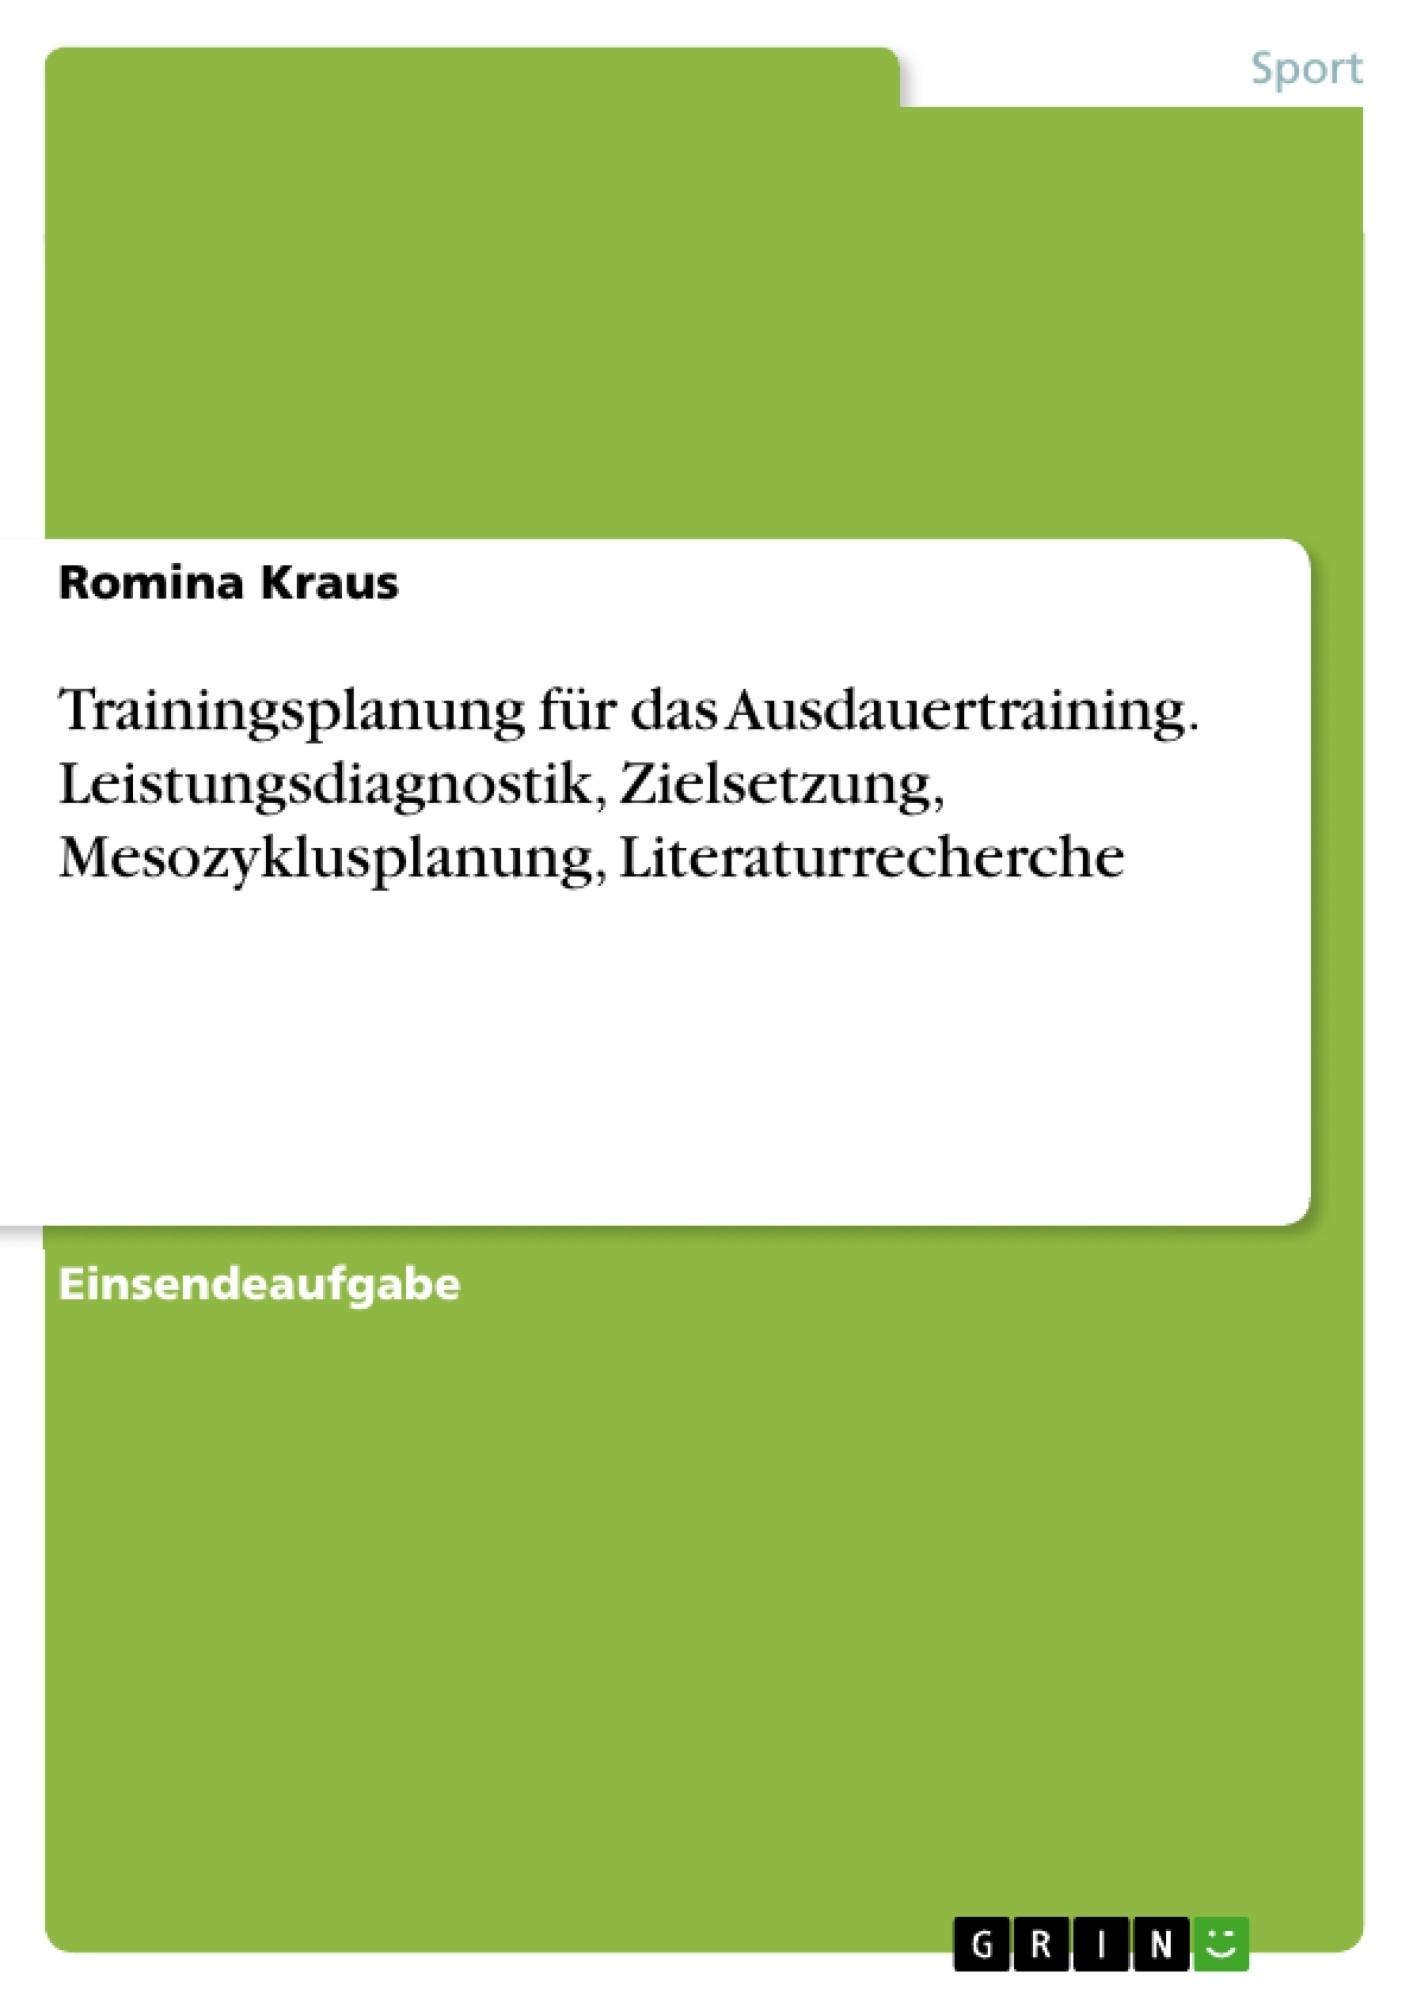 Titel: Trainingsplanung für das Ausdauertraining. Leistungsdiagnostik, Zielsetzung, Mesozyklusplanung, Literaturrecherche